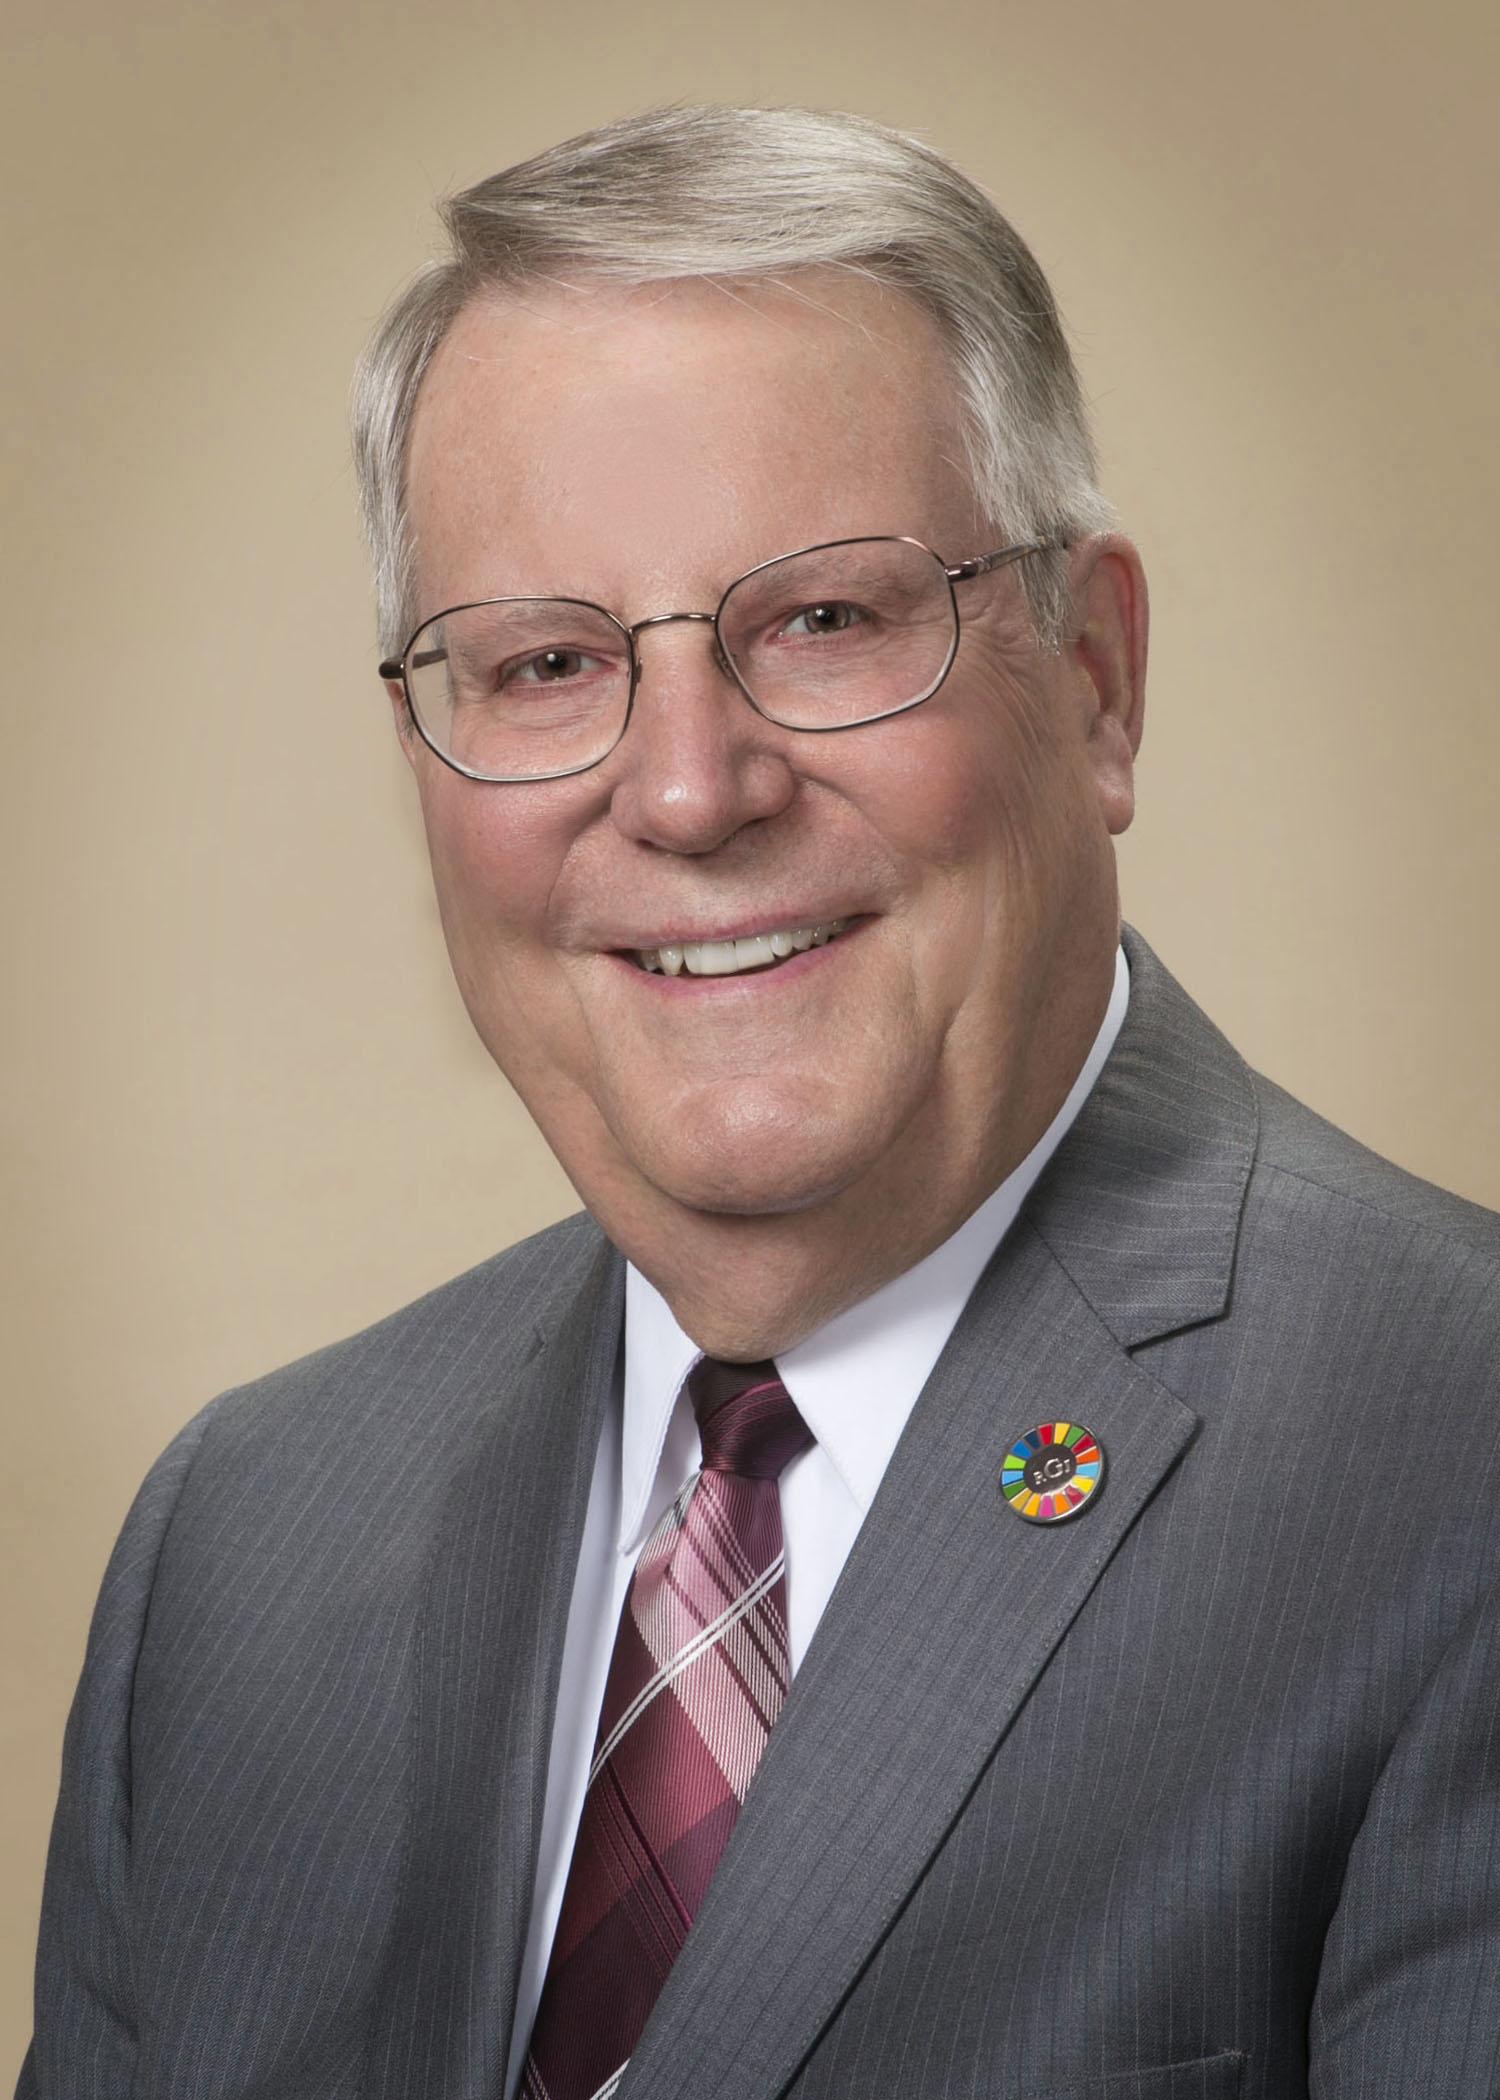 Robert J. Goellner CFP®, ChFC, CLU